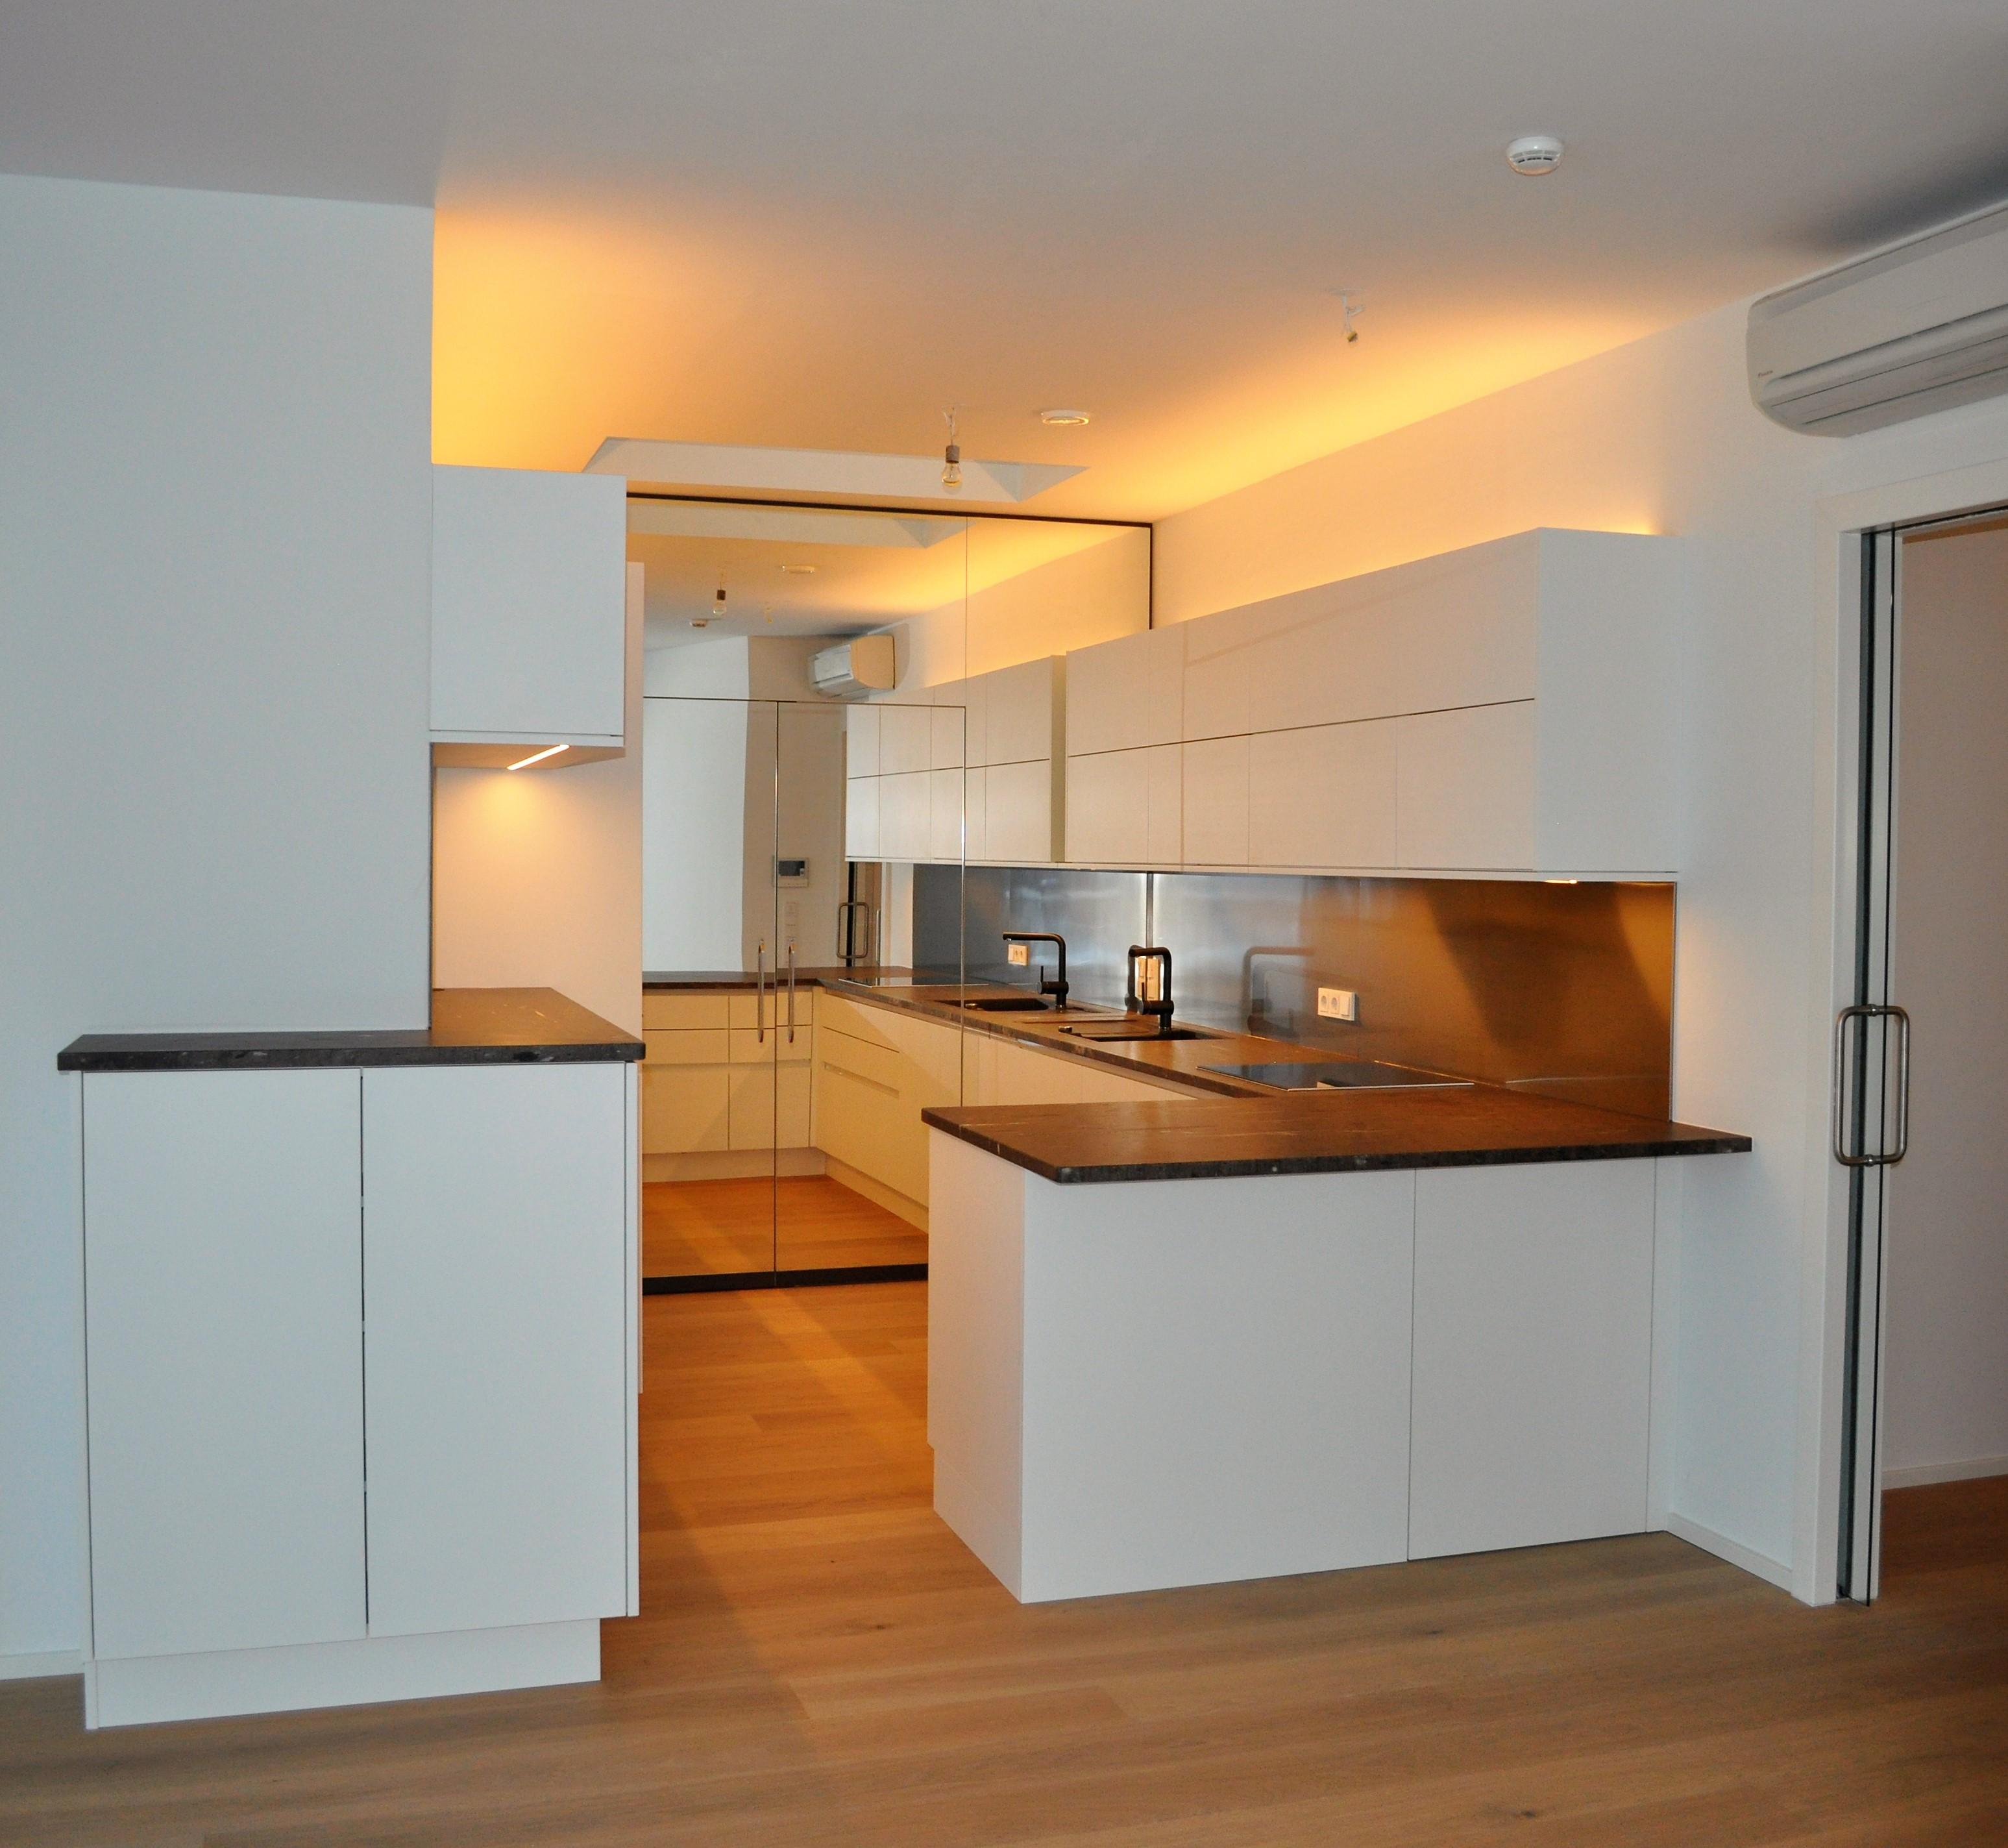 Küche weiss mit Spiegel – Holzwerkstätte Garnweidner